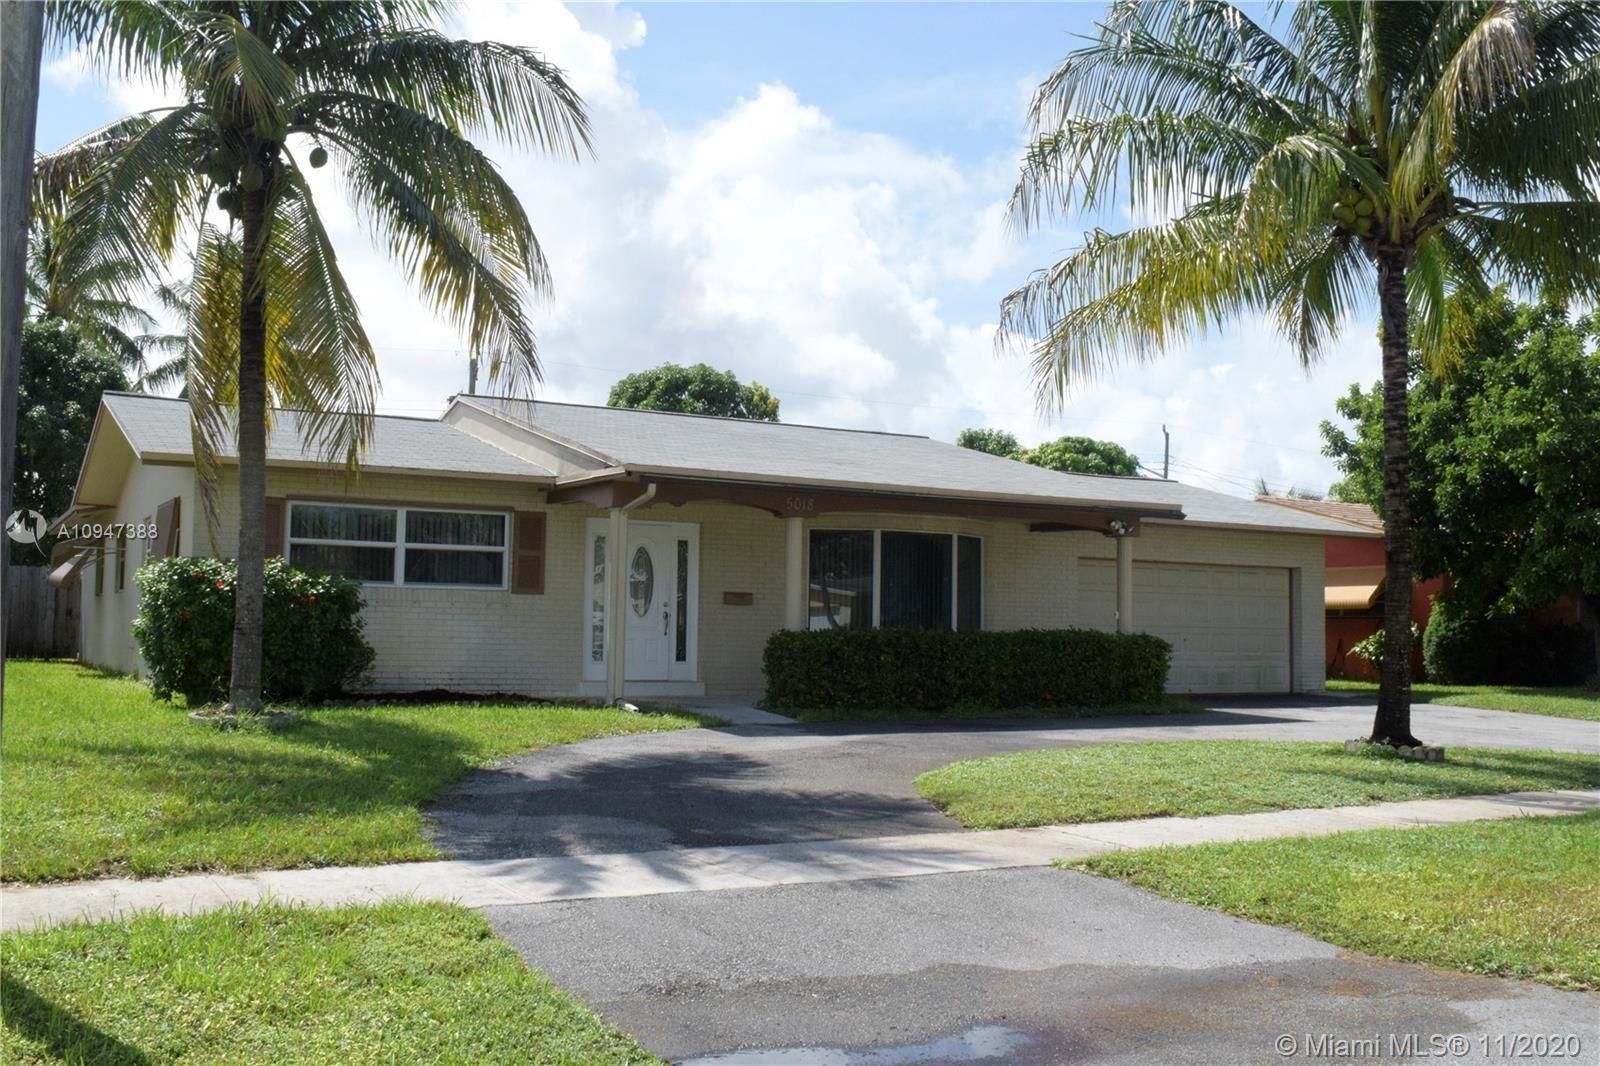 5018 Harrison St, Hollywood, FL 33021 - #: A10947388